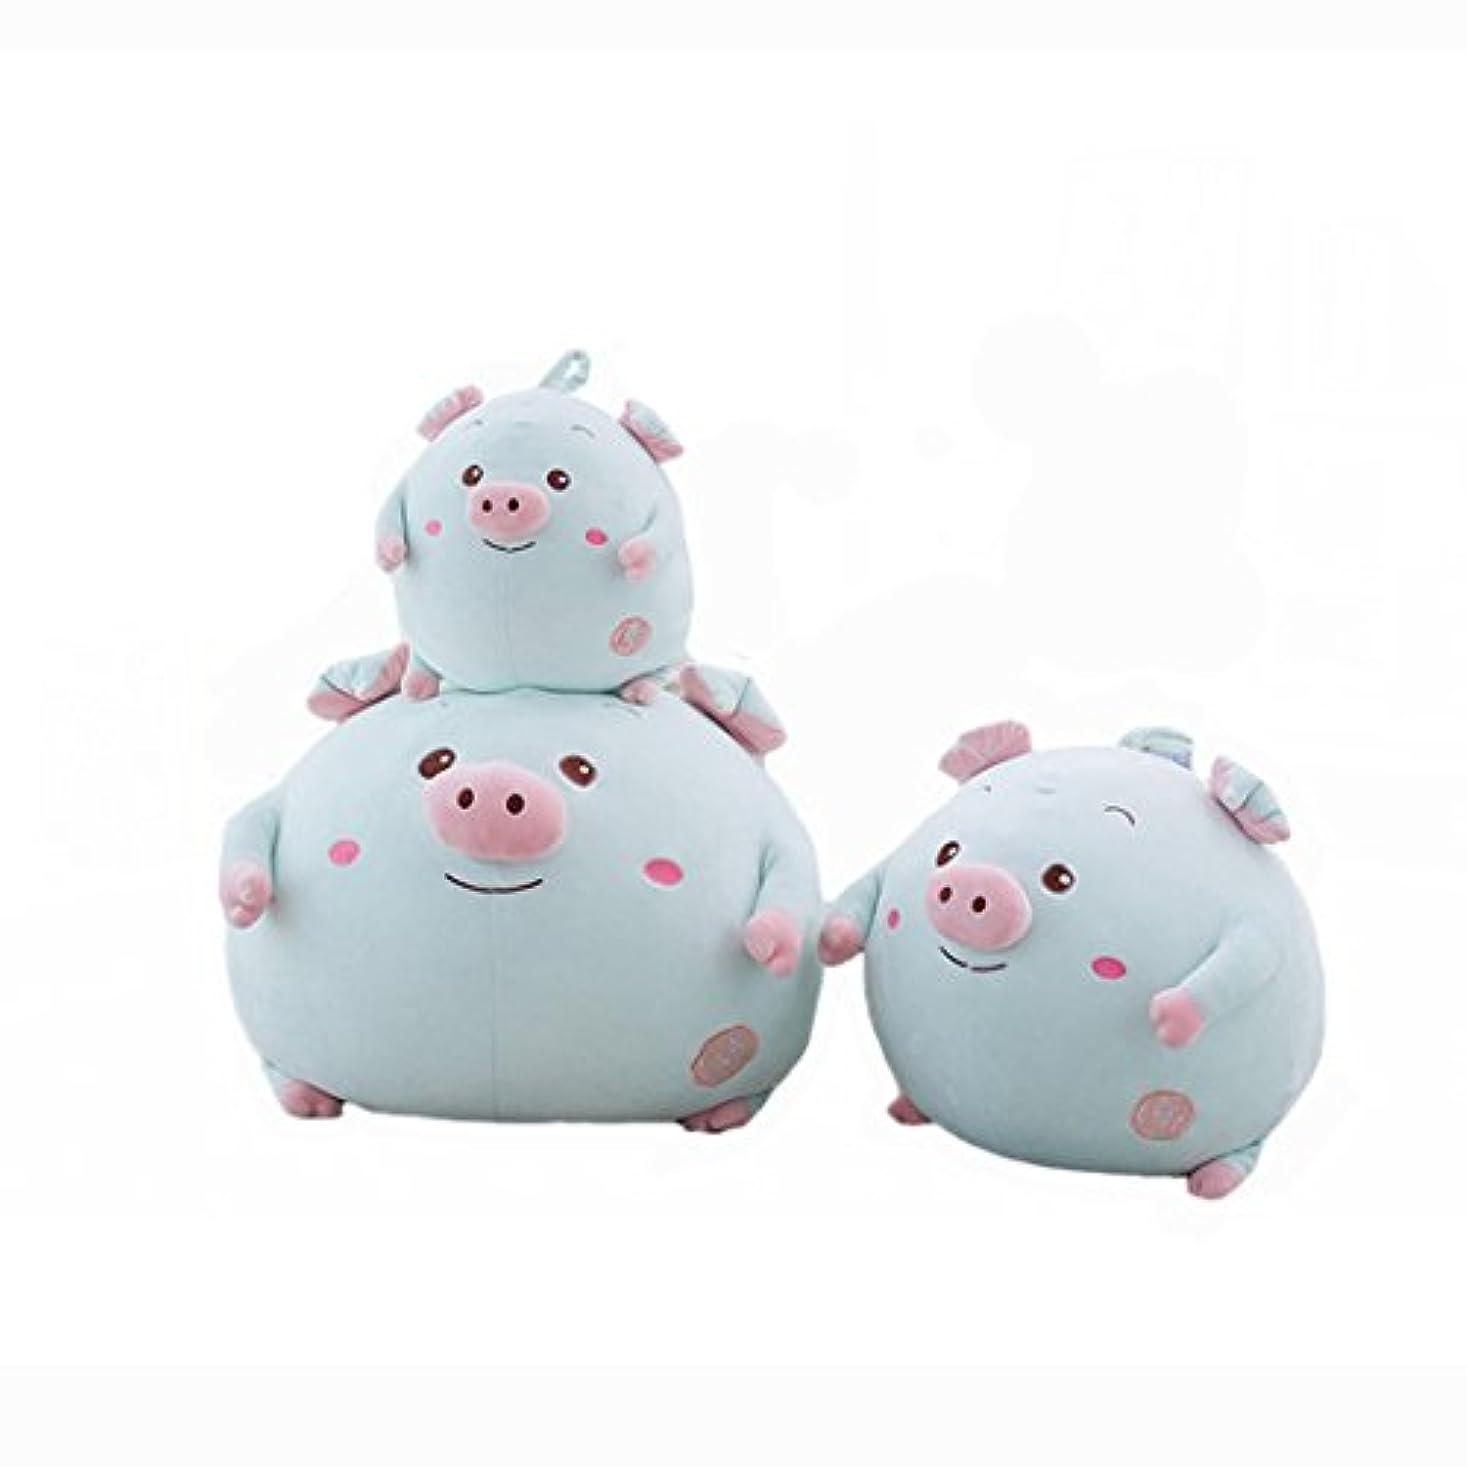 ディンカルビル要件道[XINXIKEJI] 豚 ぬいぐるみ 抱き枕 おもちゃ ぬいぐるみ 豚 ぬいぐるみ かわいい 抱き枕 ぬいぐるみ 子豚 可愛い 動物 お祝い ぬいぐるみ ふわふわ お人形 女の子 男の子 子供 女性 抱き枕 プレゼント 30CM